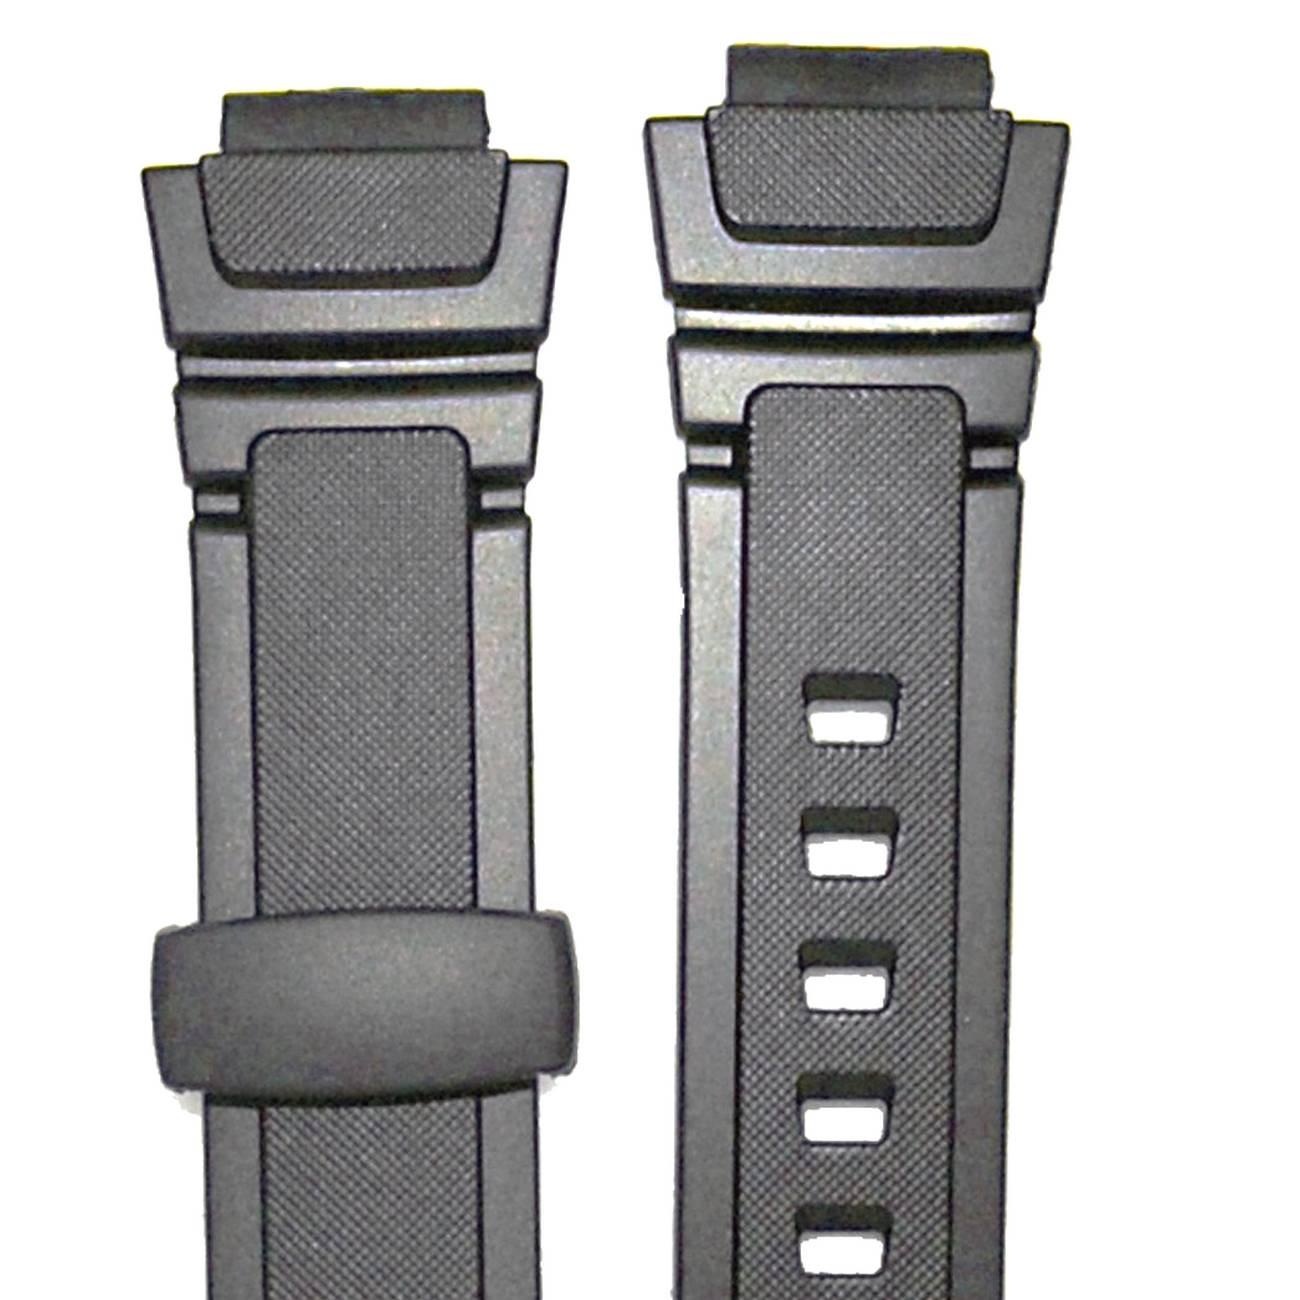 Pulseira Casio  Aq-180w / W-213 100% Original Resina Preta (14mm/22mm)*  - E-Presentes